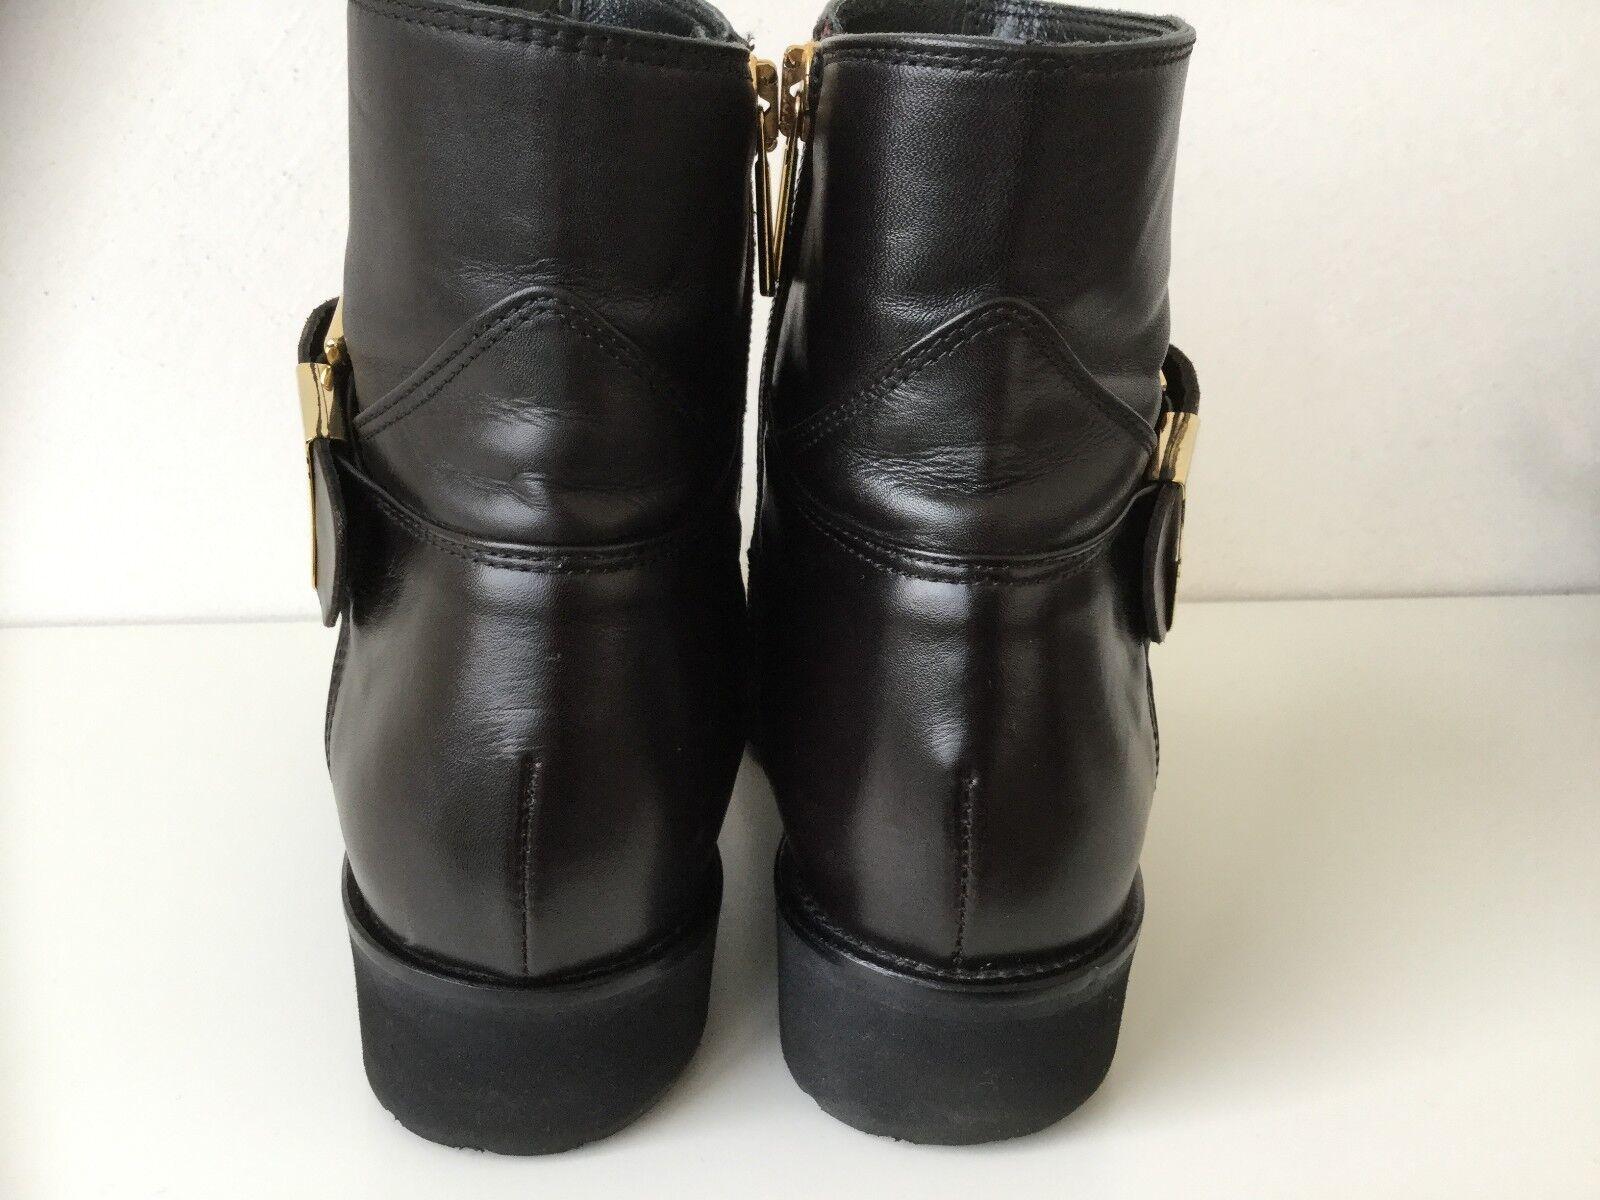 Mania Stiefeletten Stiefel  braun Damen 36 sehr sehr sehr gepflegt ba3096